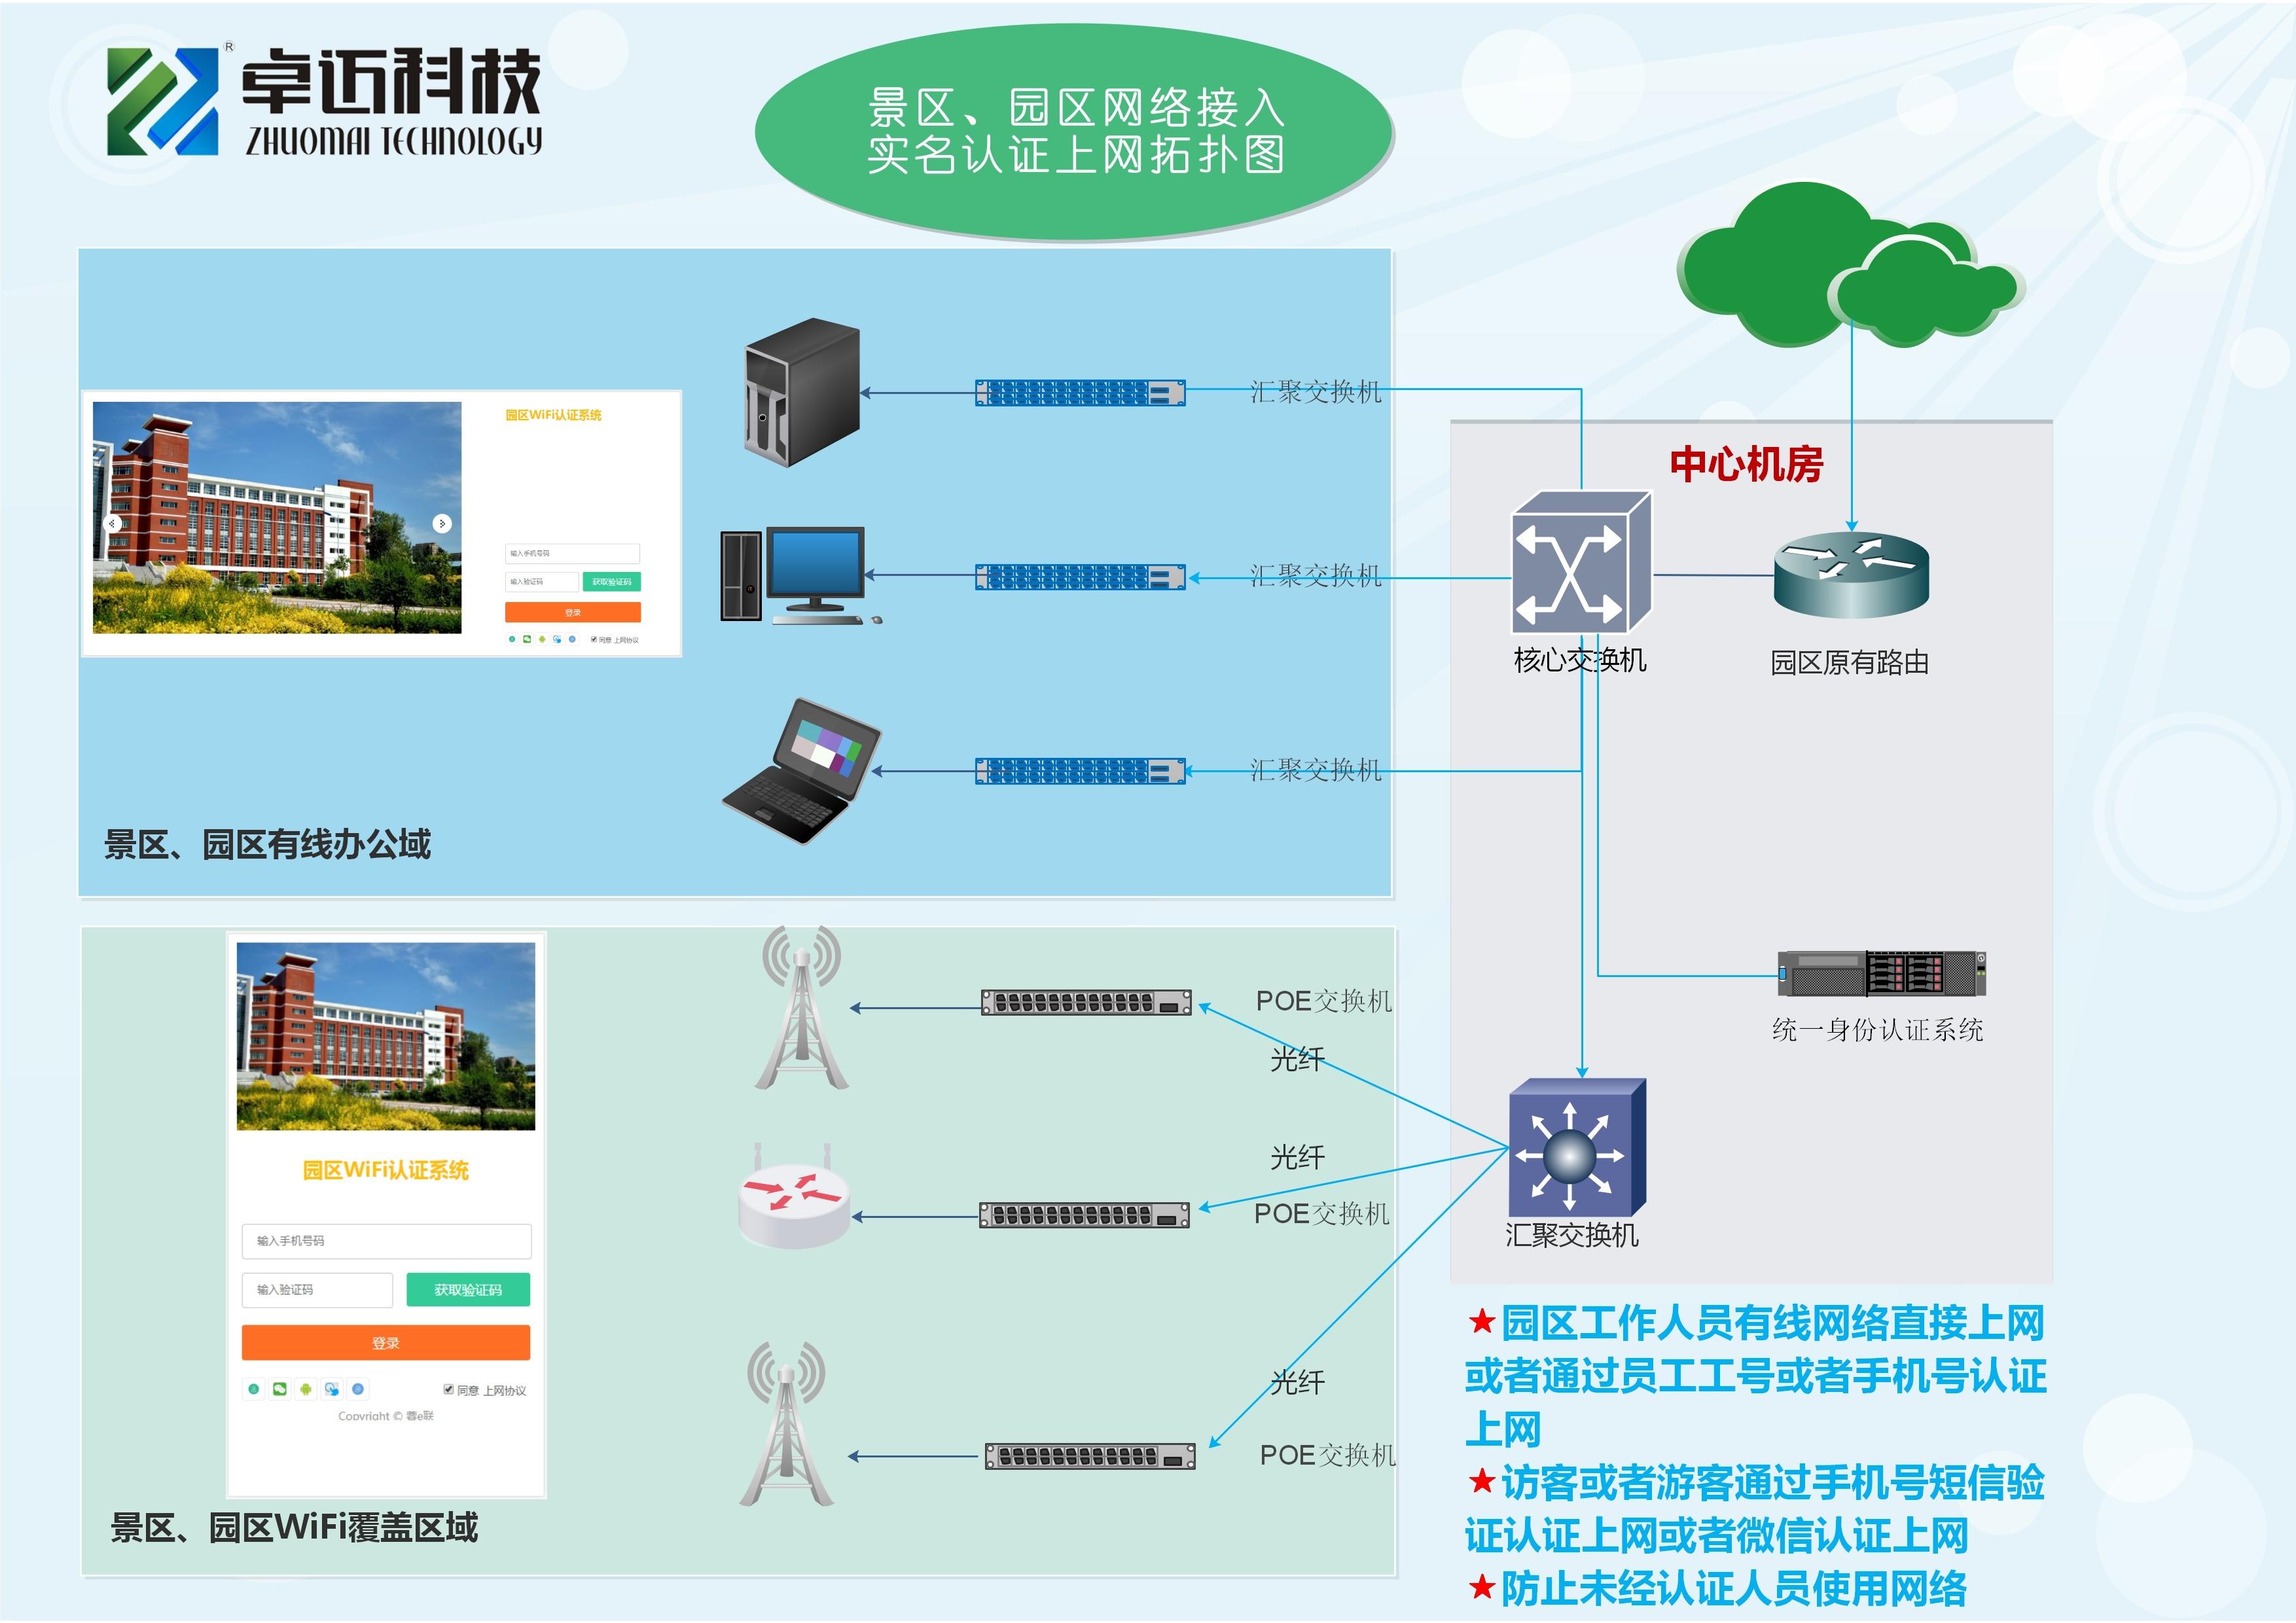 智慧城市、景区、园区WiFi认证方案.jpg